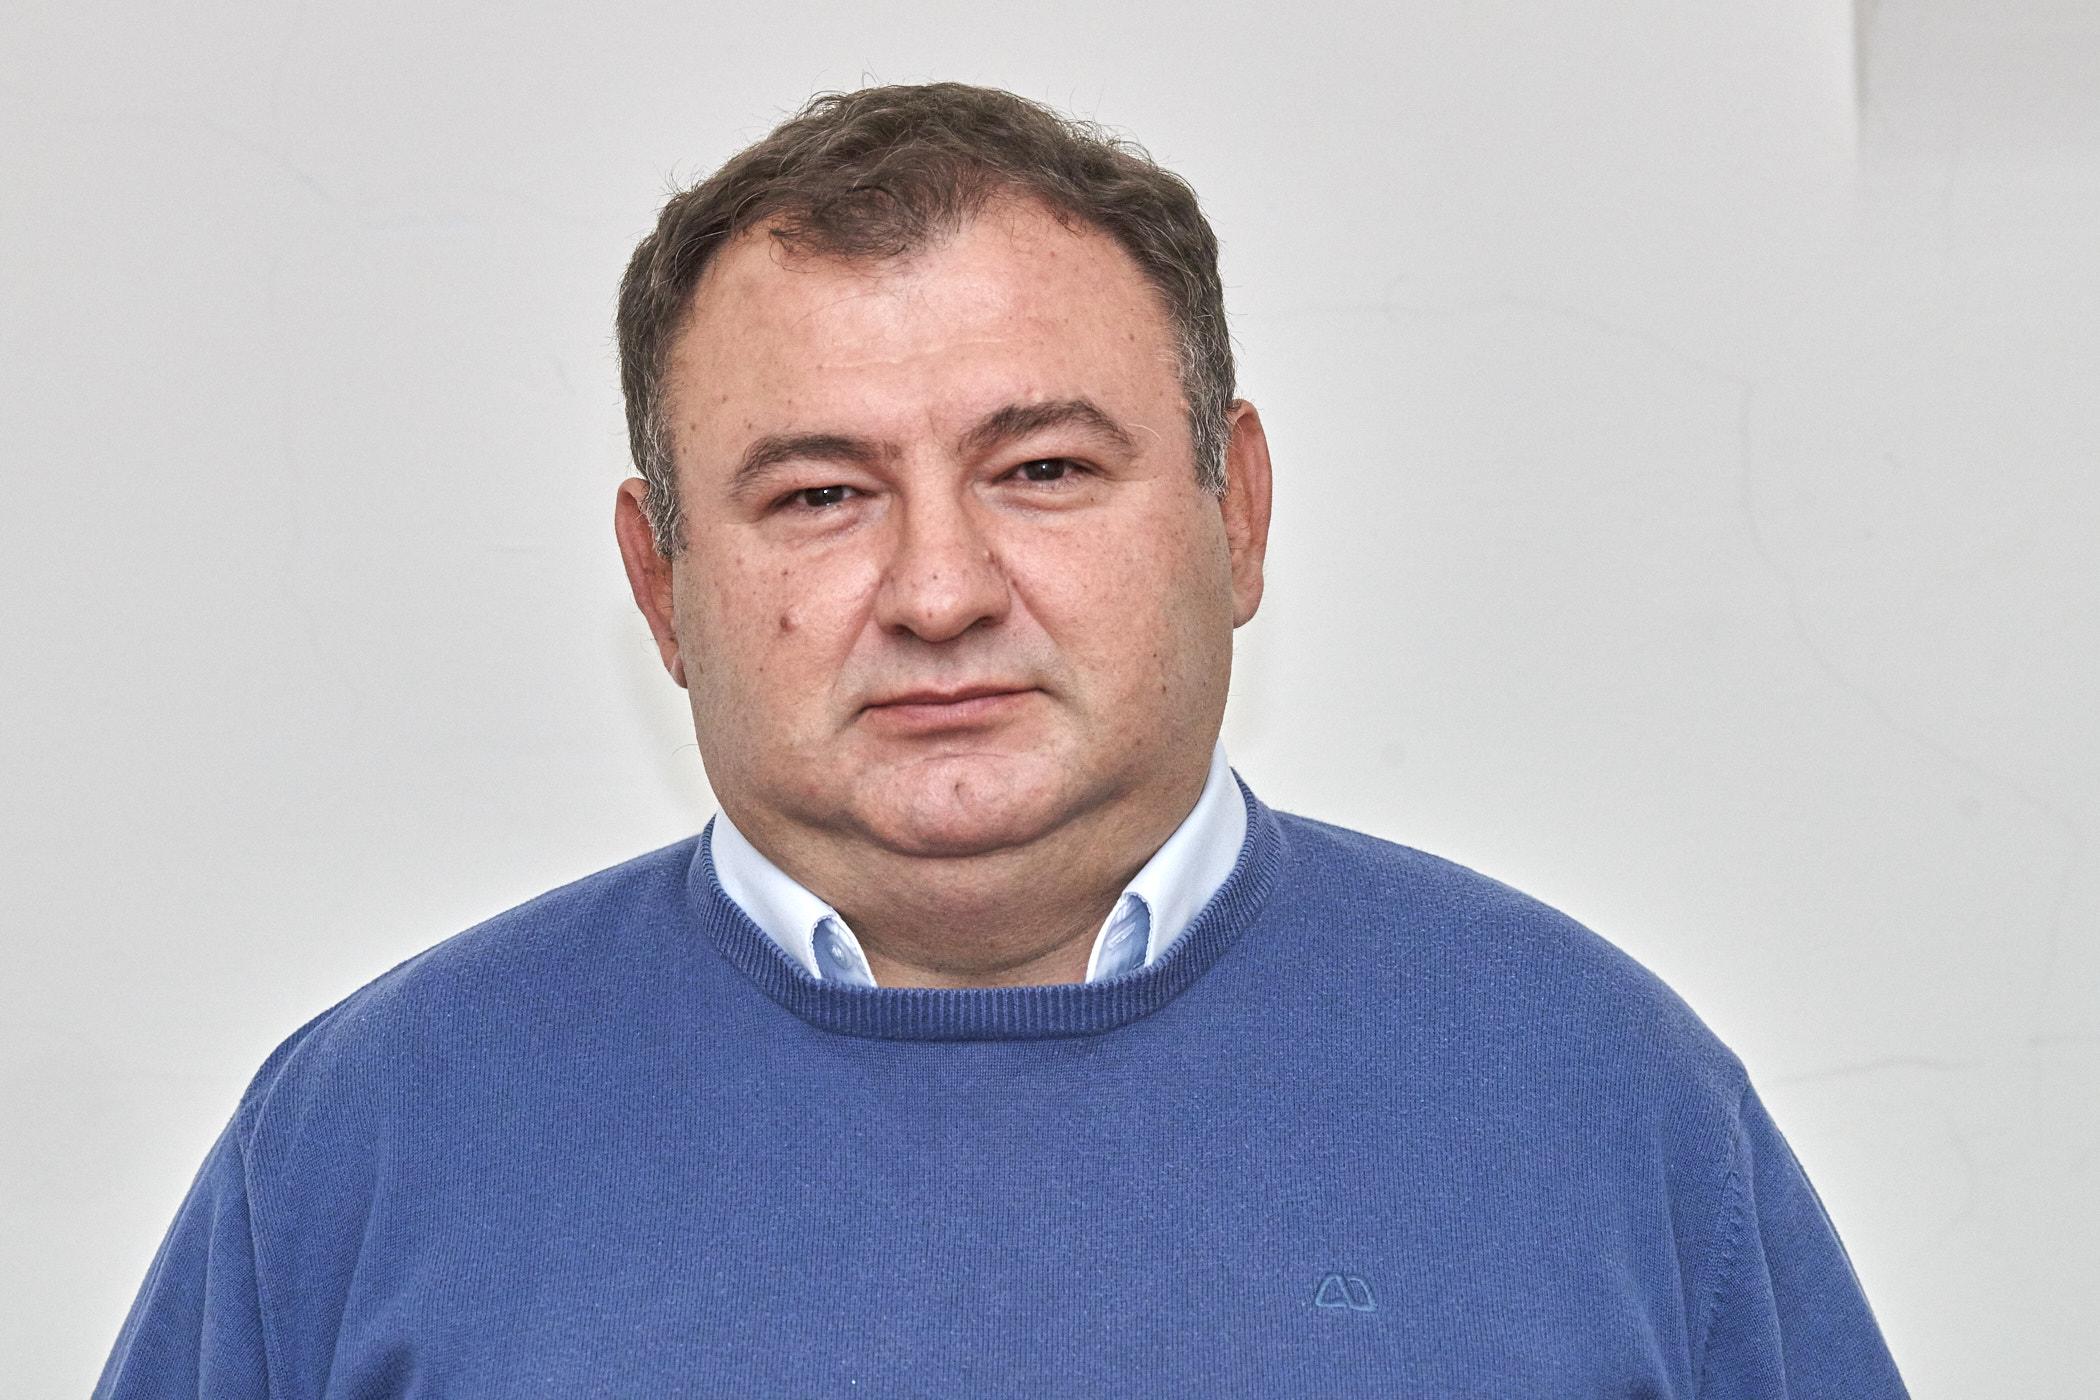 Preminuo bjelovarski pročelnik Ivica Markovinović